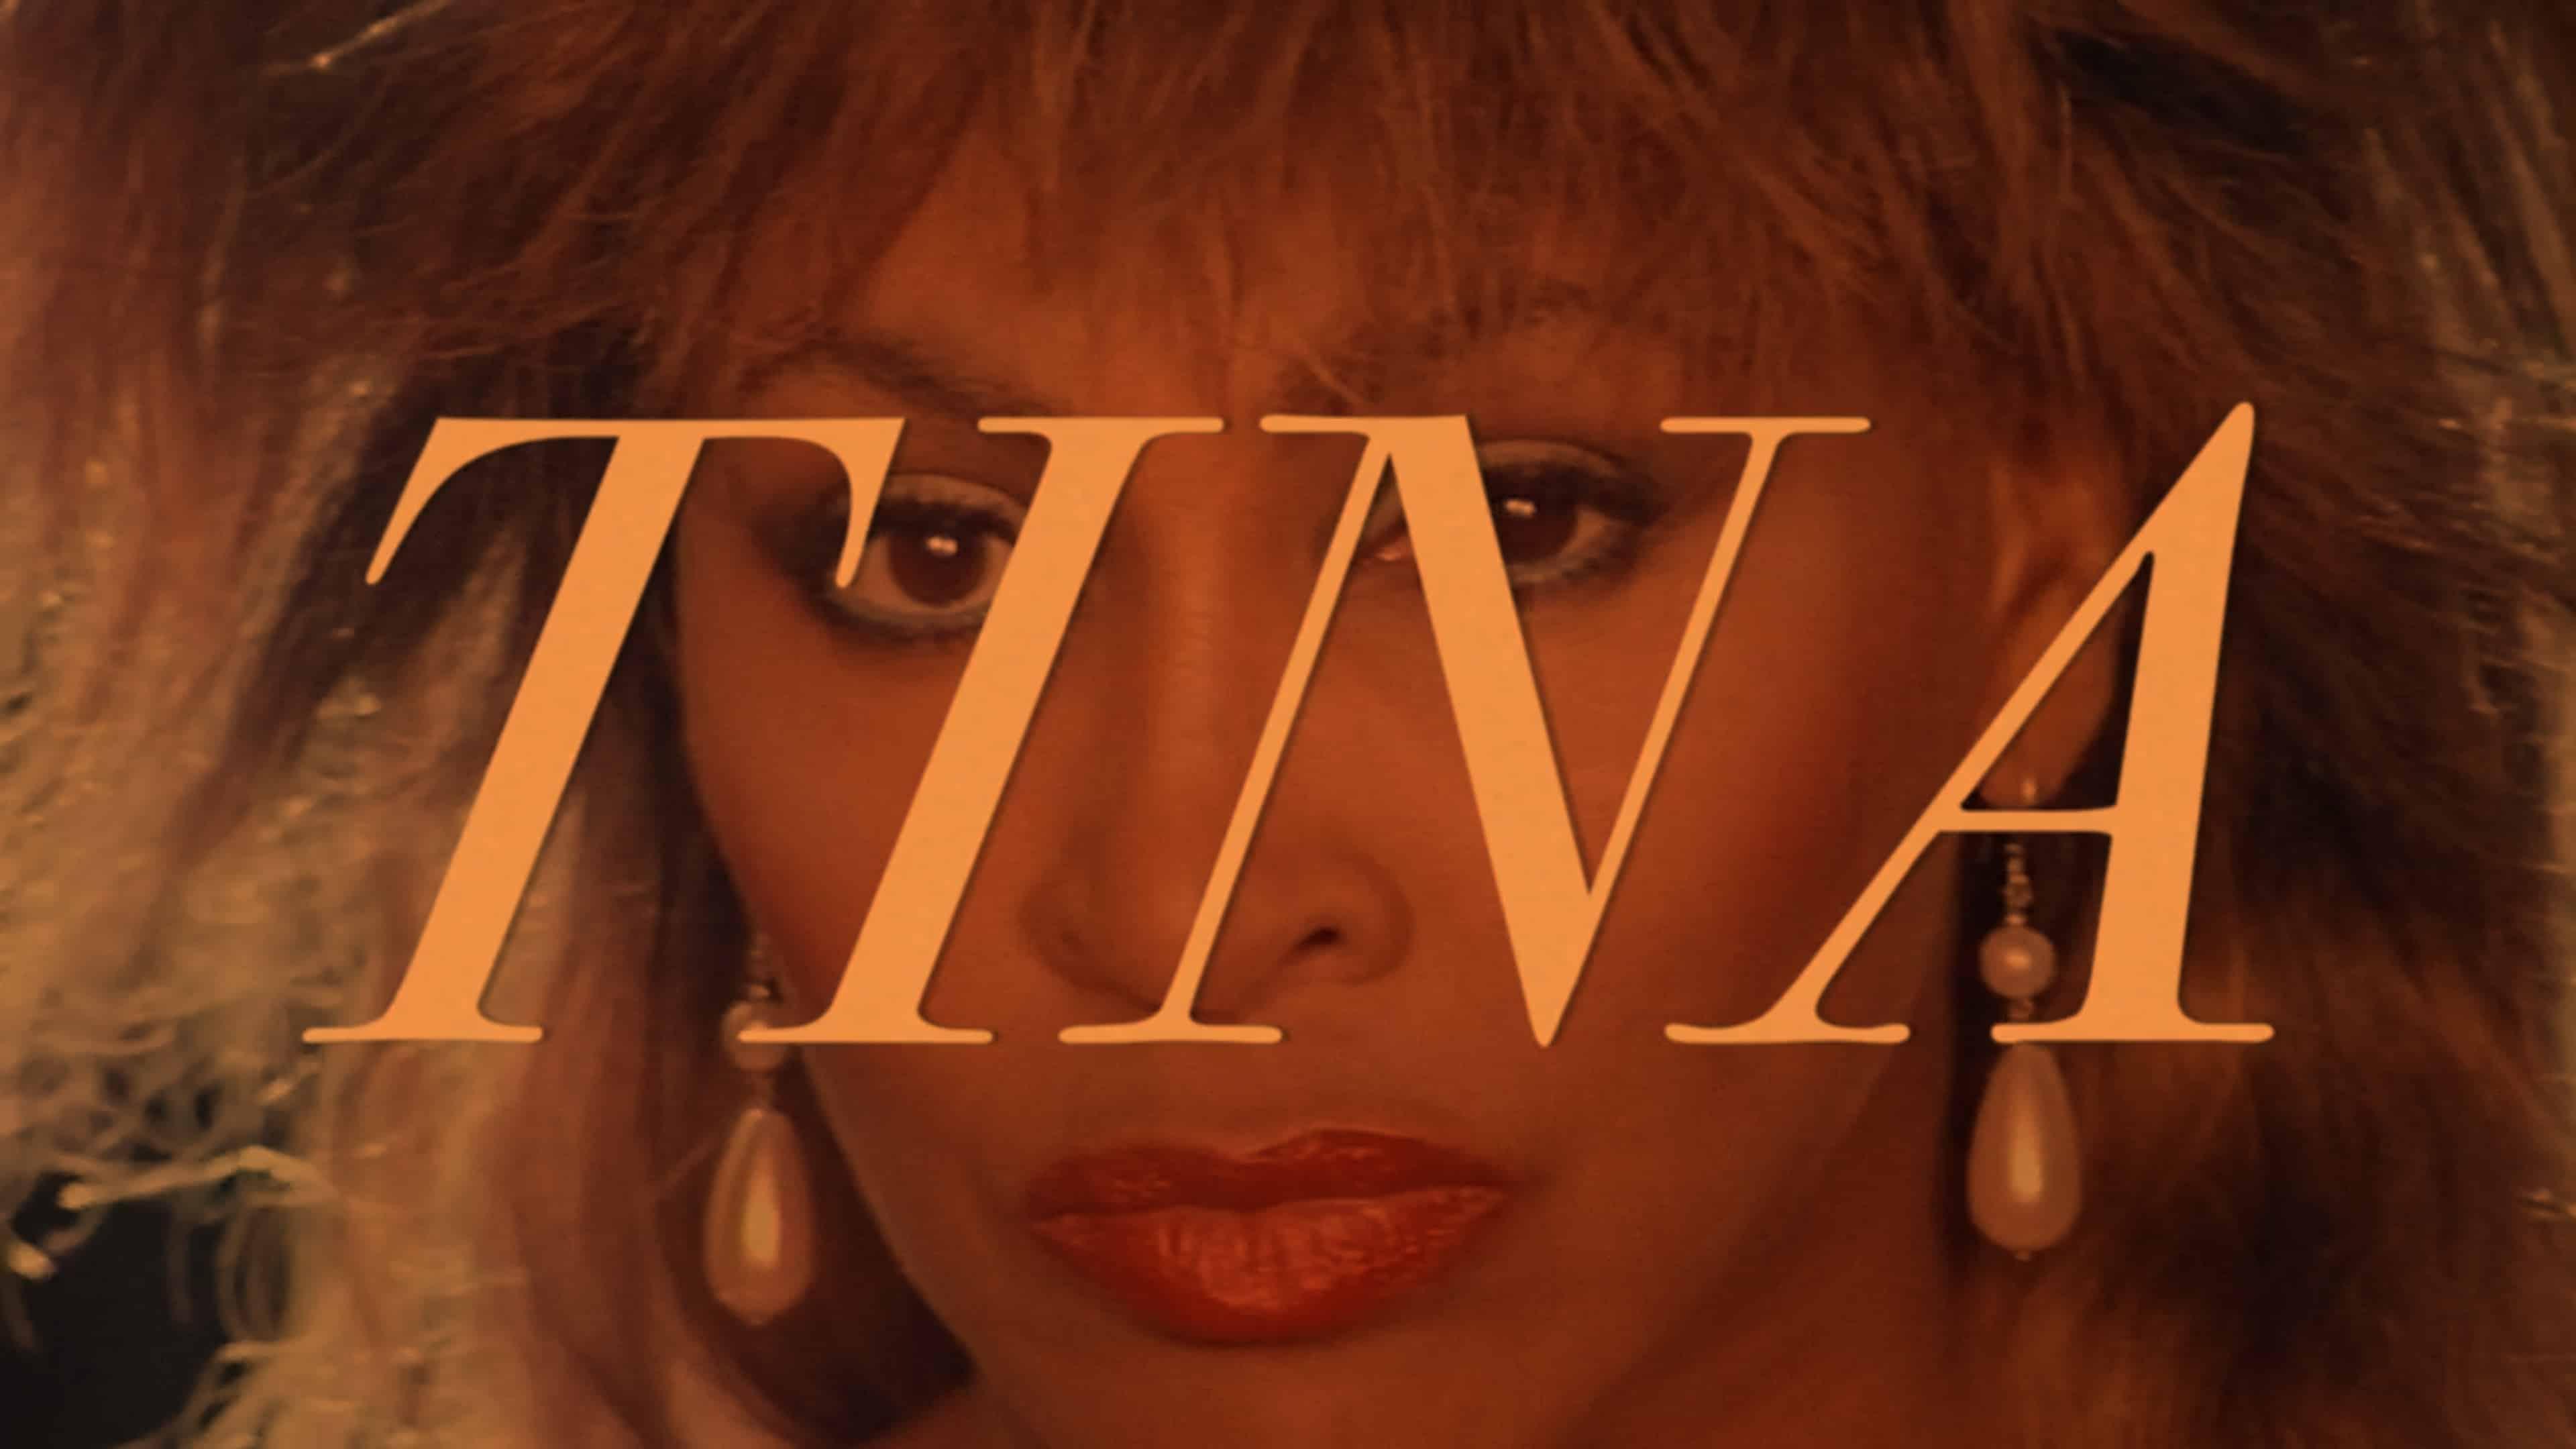 Title Card - Tina (2021)